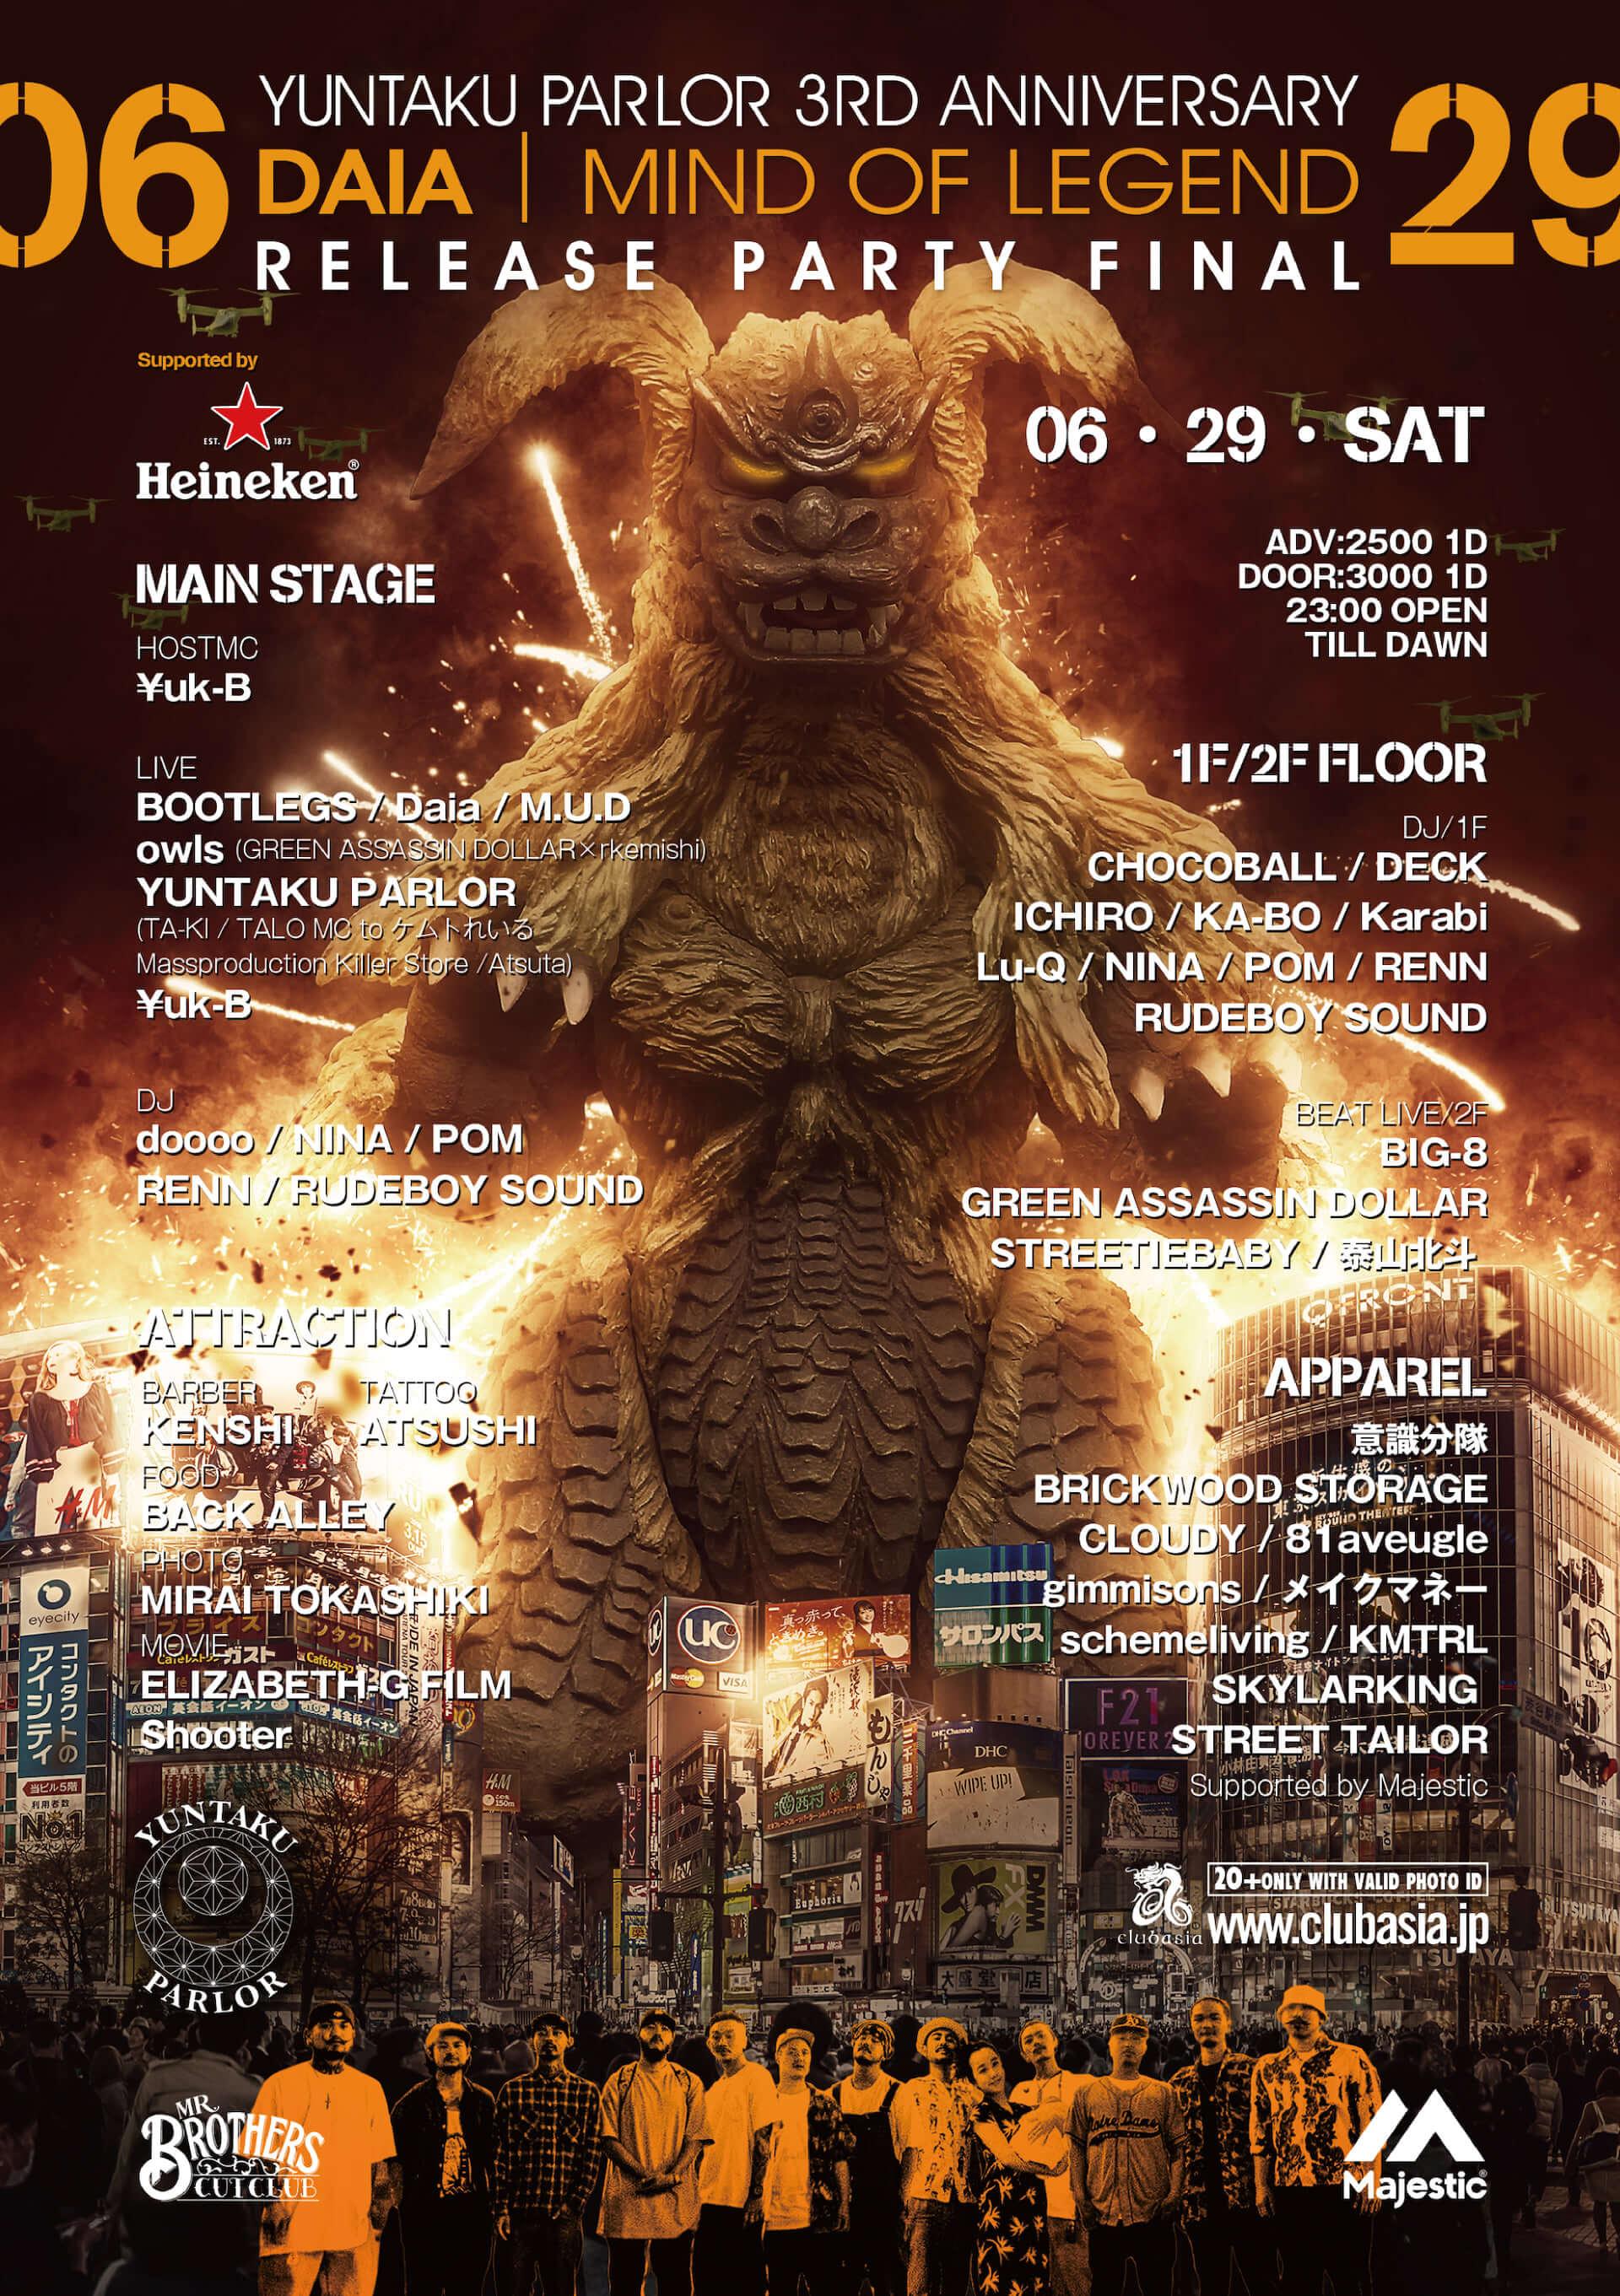 今宵、渋谷が沖縄に染まる!Daia『MIND OF LEGEND』ツアーファイナル×<YUNTAKU PARLOR>3周年合同開催 music190629yunpara_info-1920x2722